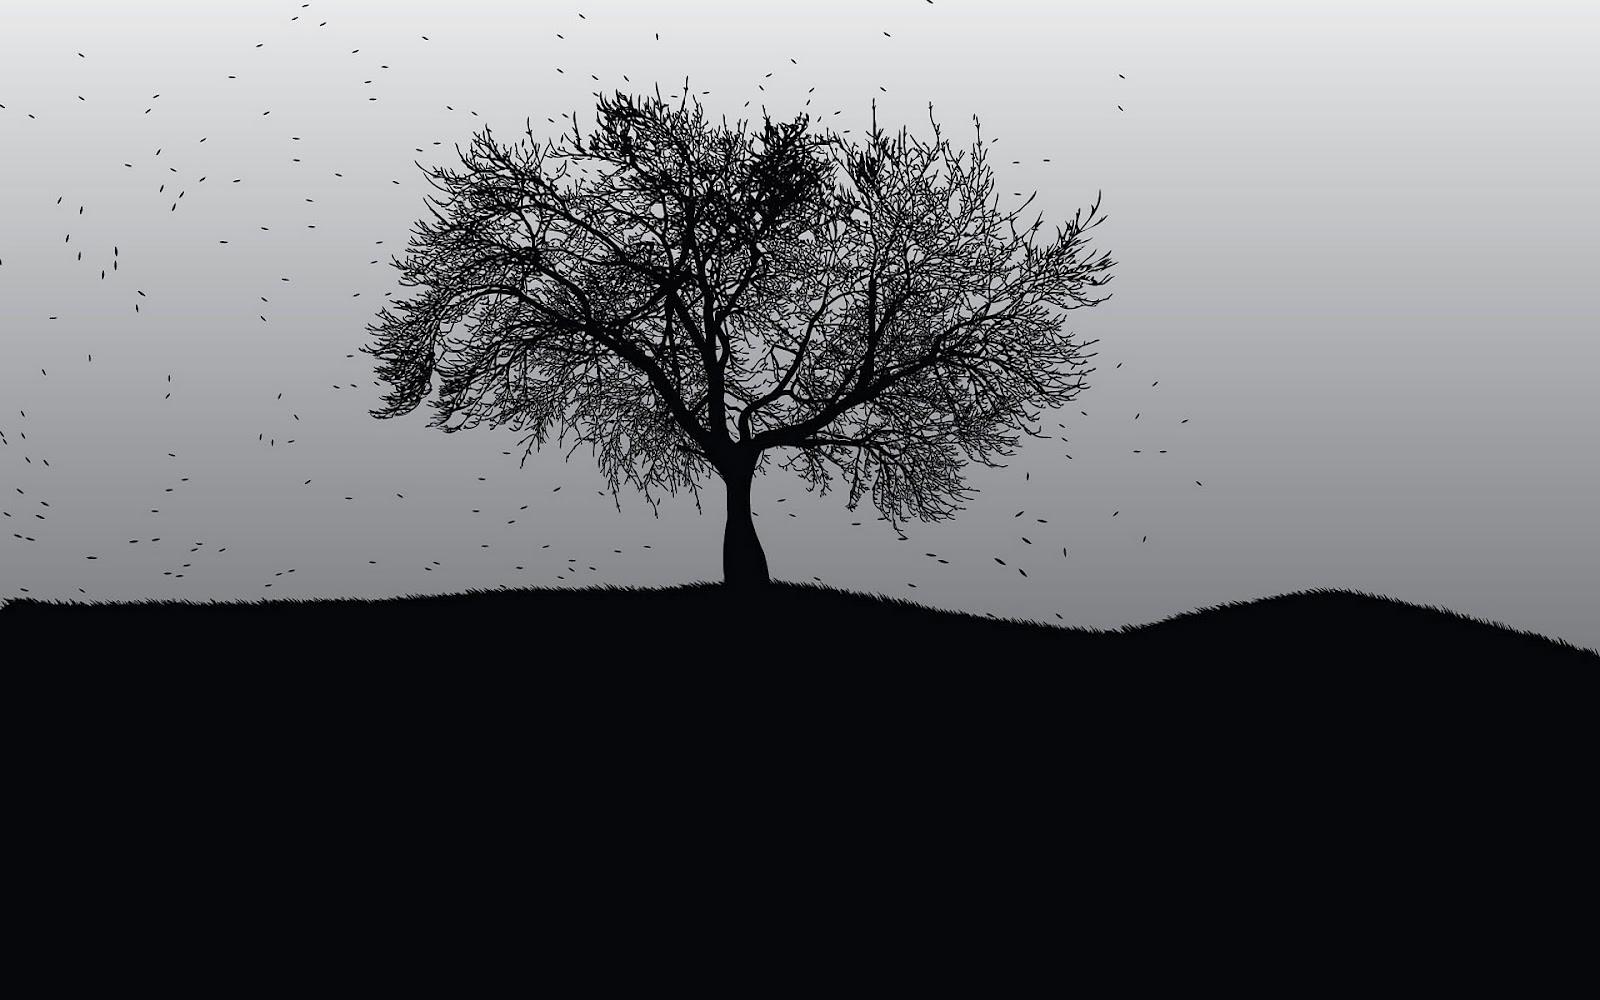 hd-zwart-wit-achtergrond-met-een-boom-hd-zwart-wit-wallpaper.jpg